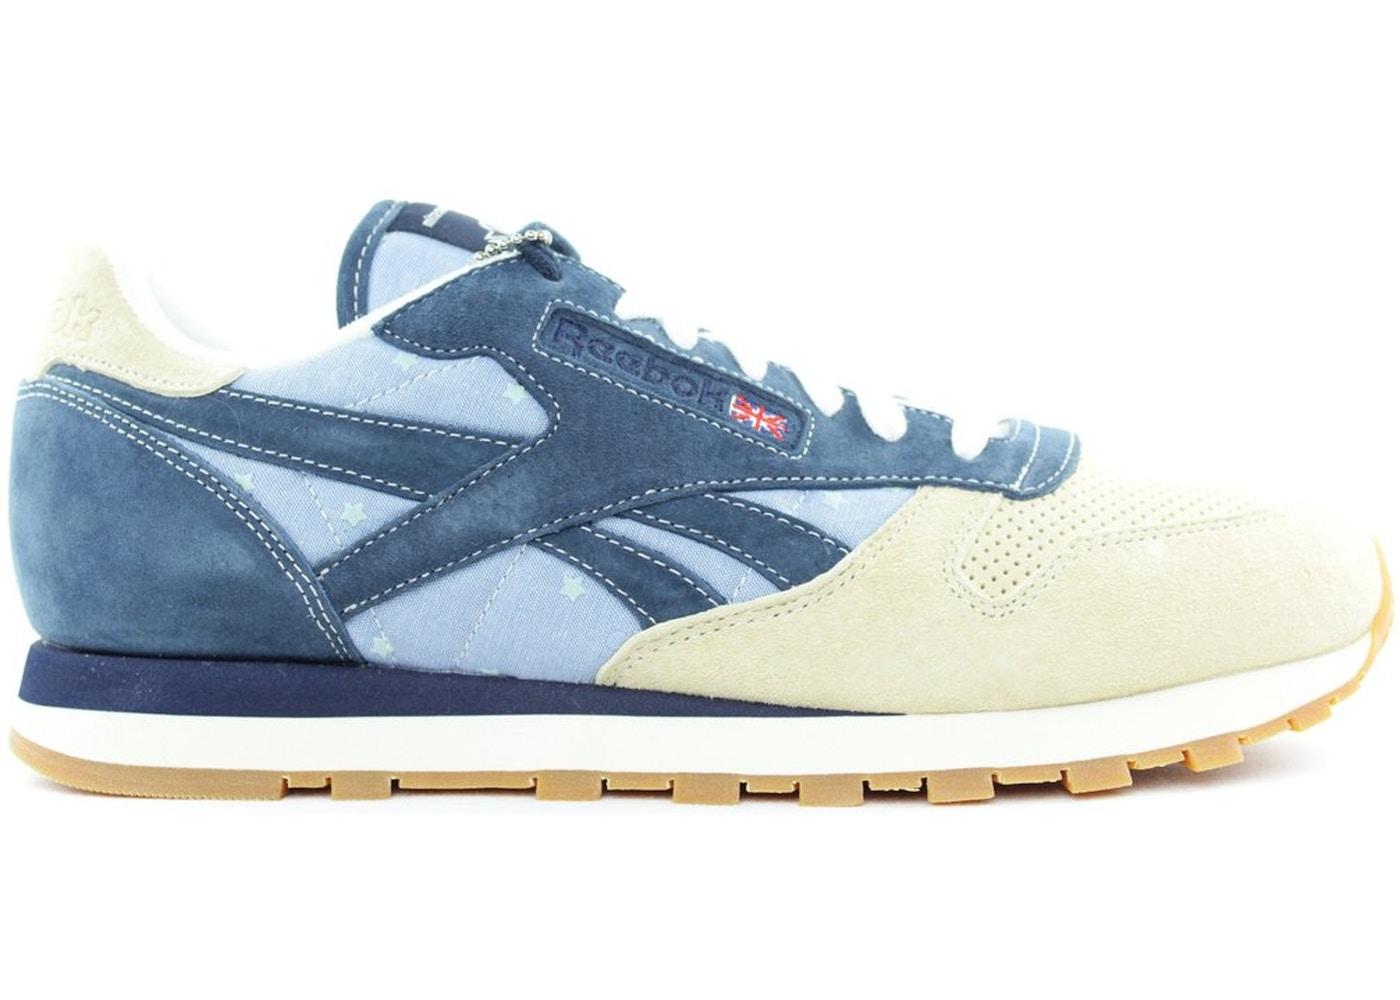 1d338eea72b94 Buy Reebok Size 18 Shoes   Deadstock Sneakers